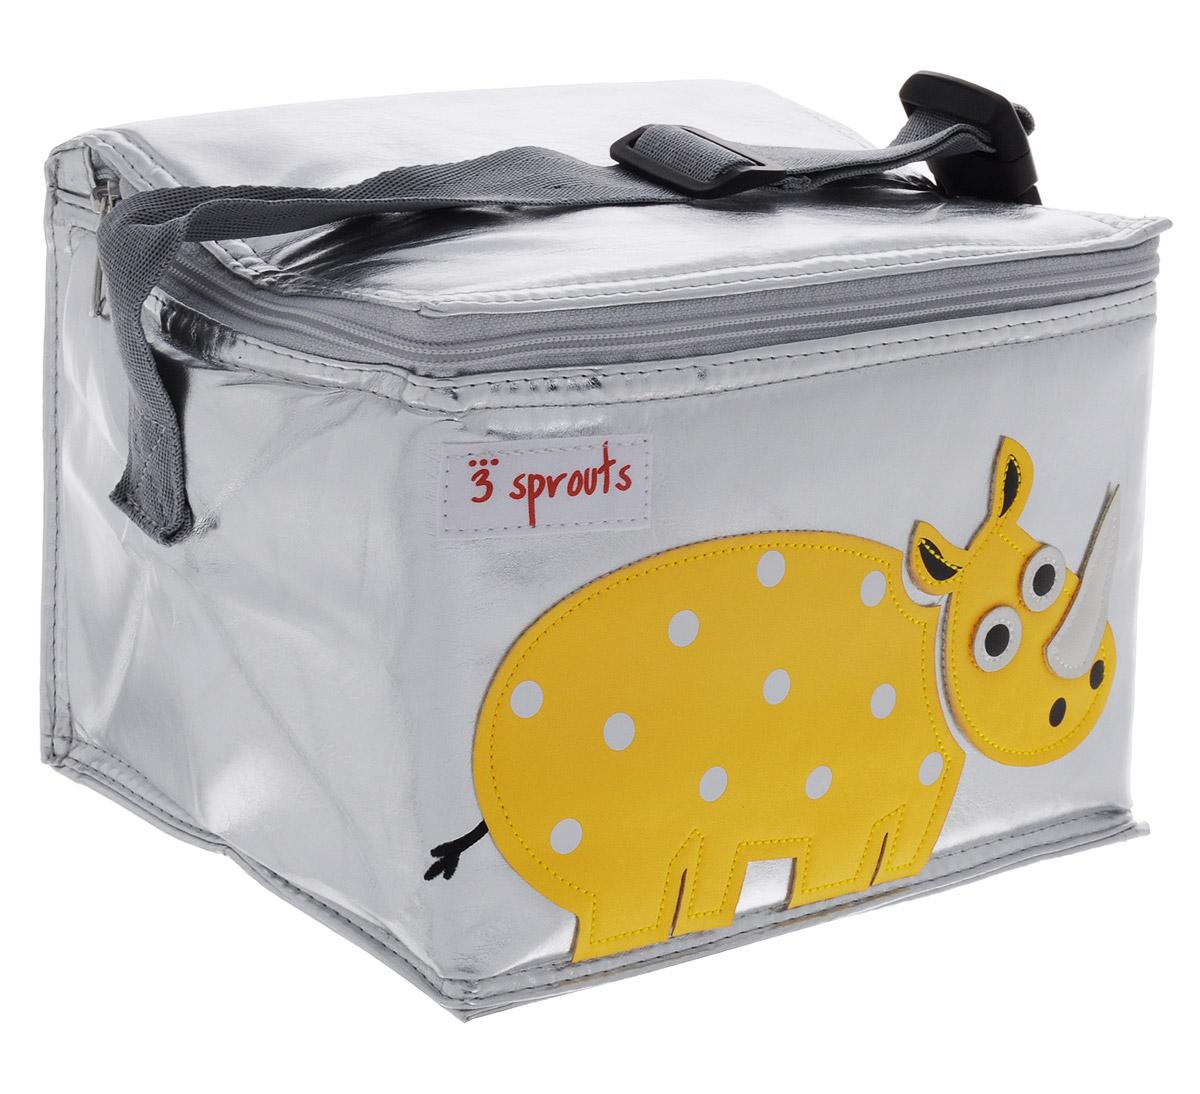 3 Sprouts Сумка для обеда Желтый носорог00003Сумка для обеда 3 Sprouts Желтый носорог идеальна для контейнеров, так что вы можете отправить детей в школу вместе с сытными закусками и обедами. В этой сумке еда не нагреется. Мыть ее чрезвычайно легко. Специальная бирка на внутренней поверхности сумки предназначена для указания имени ребенка. Прочная застежка-молния, хорошая вместительность, стильный серебристый цвет и красивая аппликация делают использование этой сумки удобным и приятным для ребенка. Регулируемый ремешок с защелкой позволит прикрепить сумку к рюкзаку или другой сумке. Сумка изготовлена без применения фталатов, PVC и свинца.